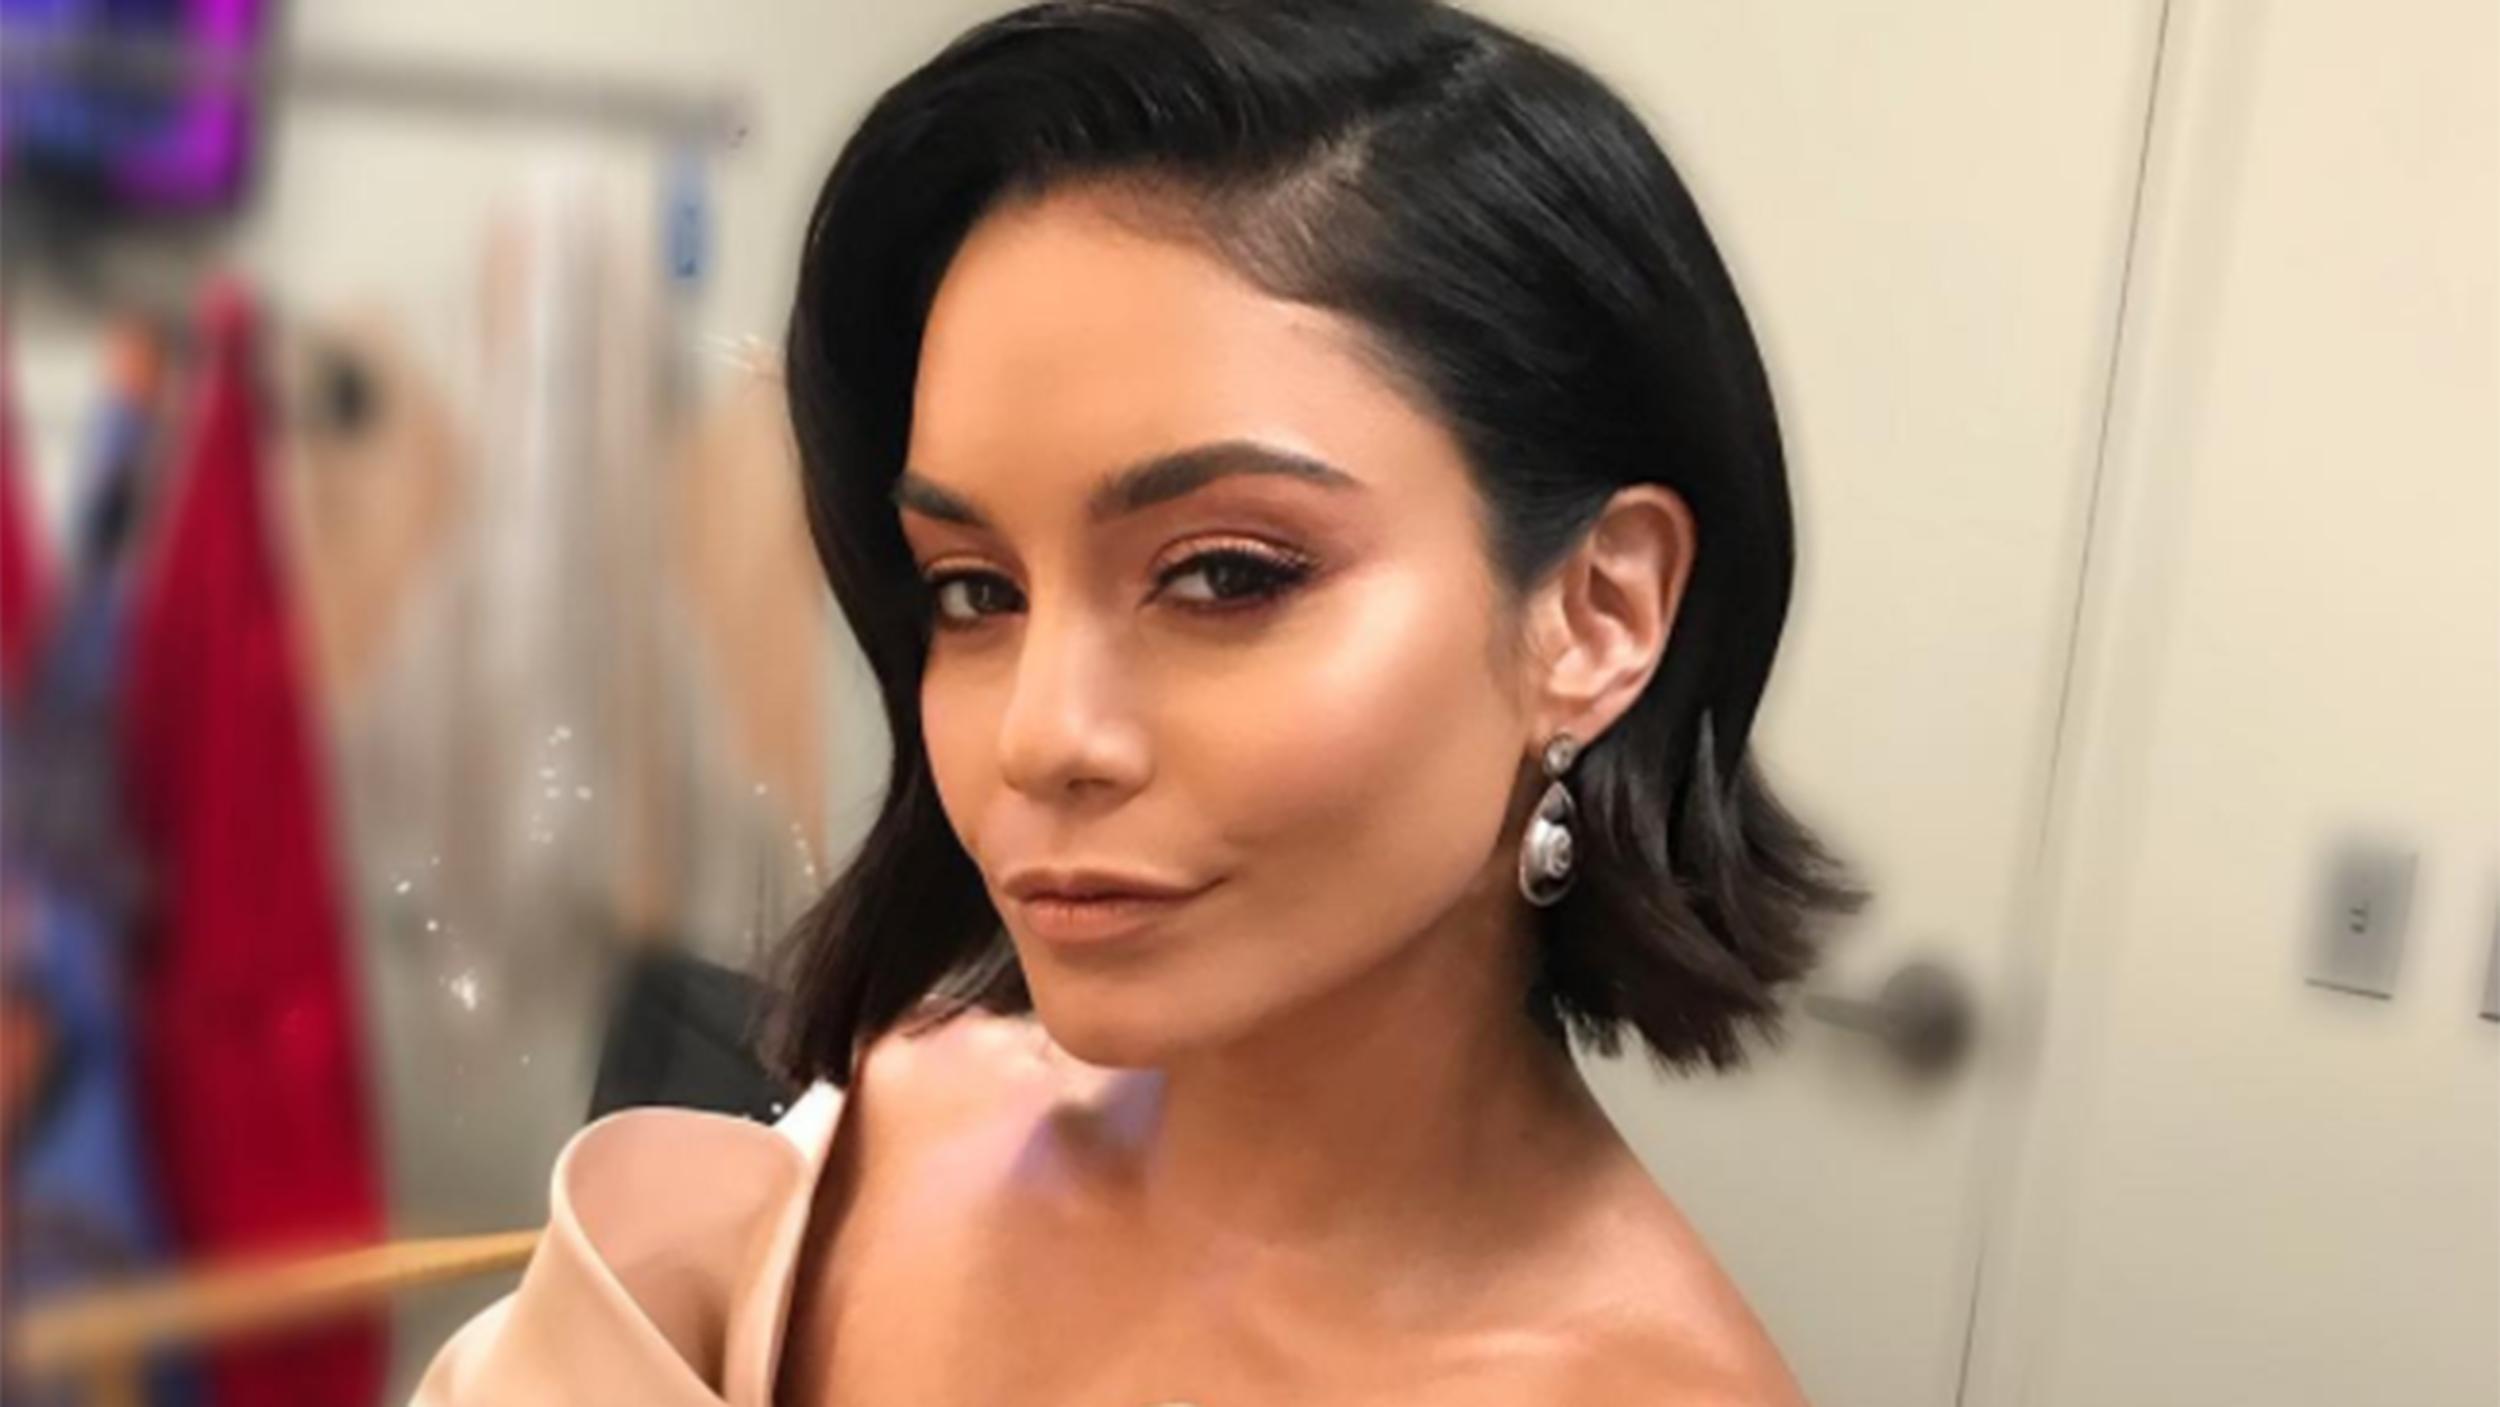 Vanessa Hudgens Has A New Haircut With Bangs Wavy Locks